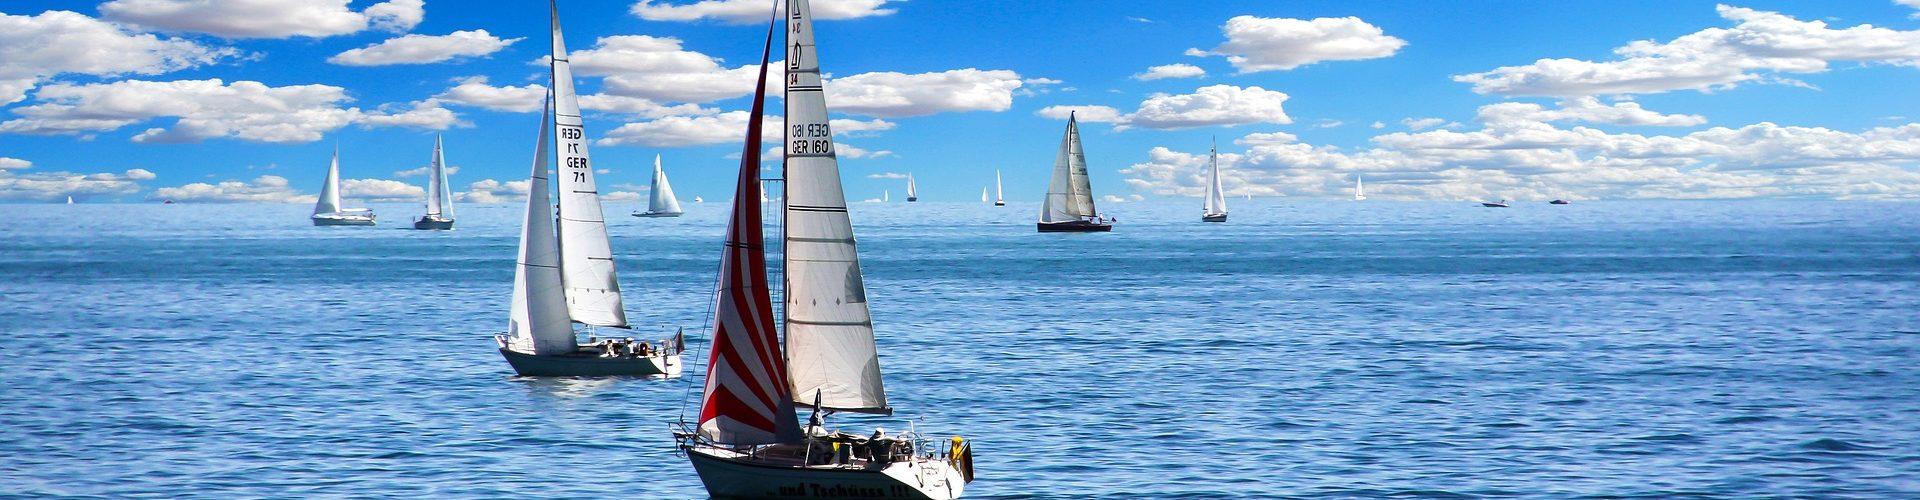 segeln lernen in Wörthsee segelschein machen in Wörthsee 1920x500 - Segeln lernen in Wörthsee